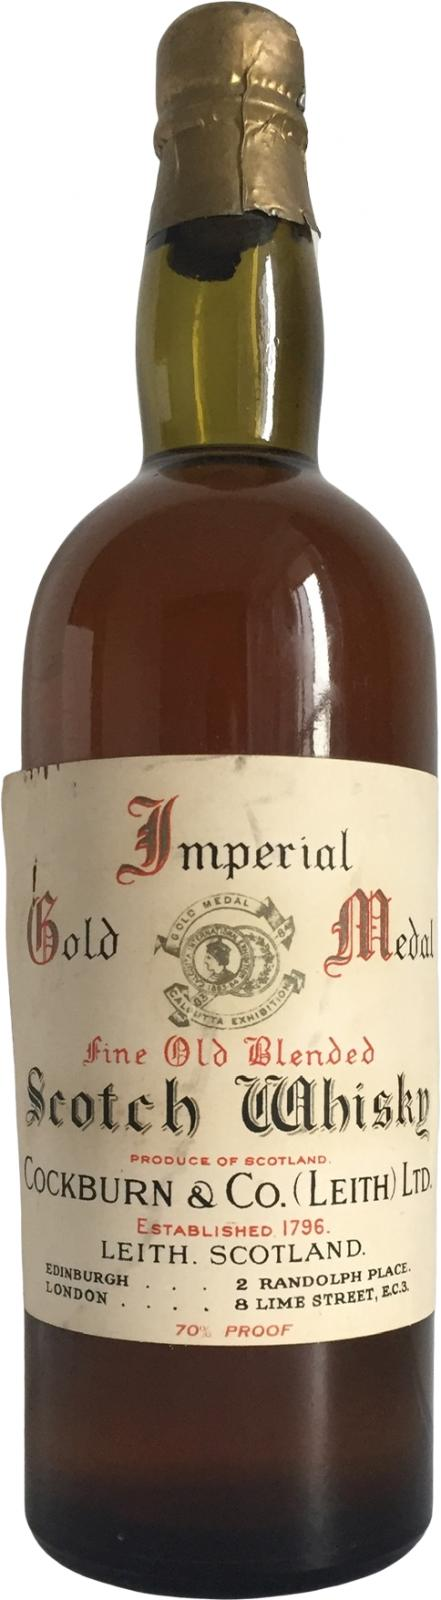 Imperial Gold Medal Fine Old Blended